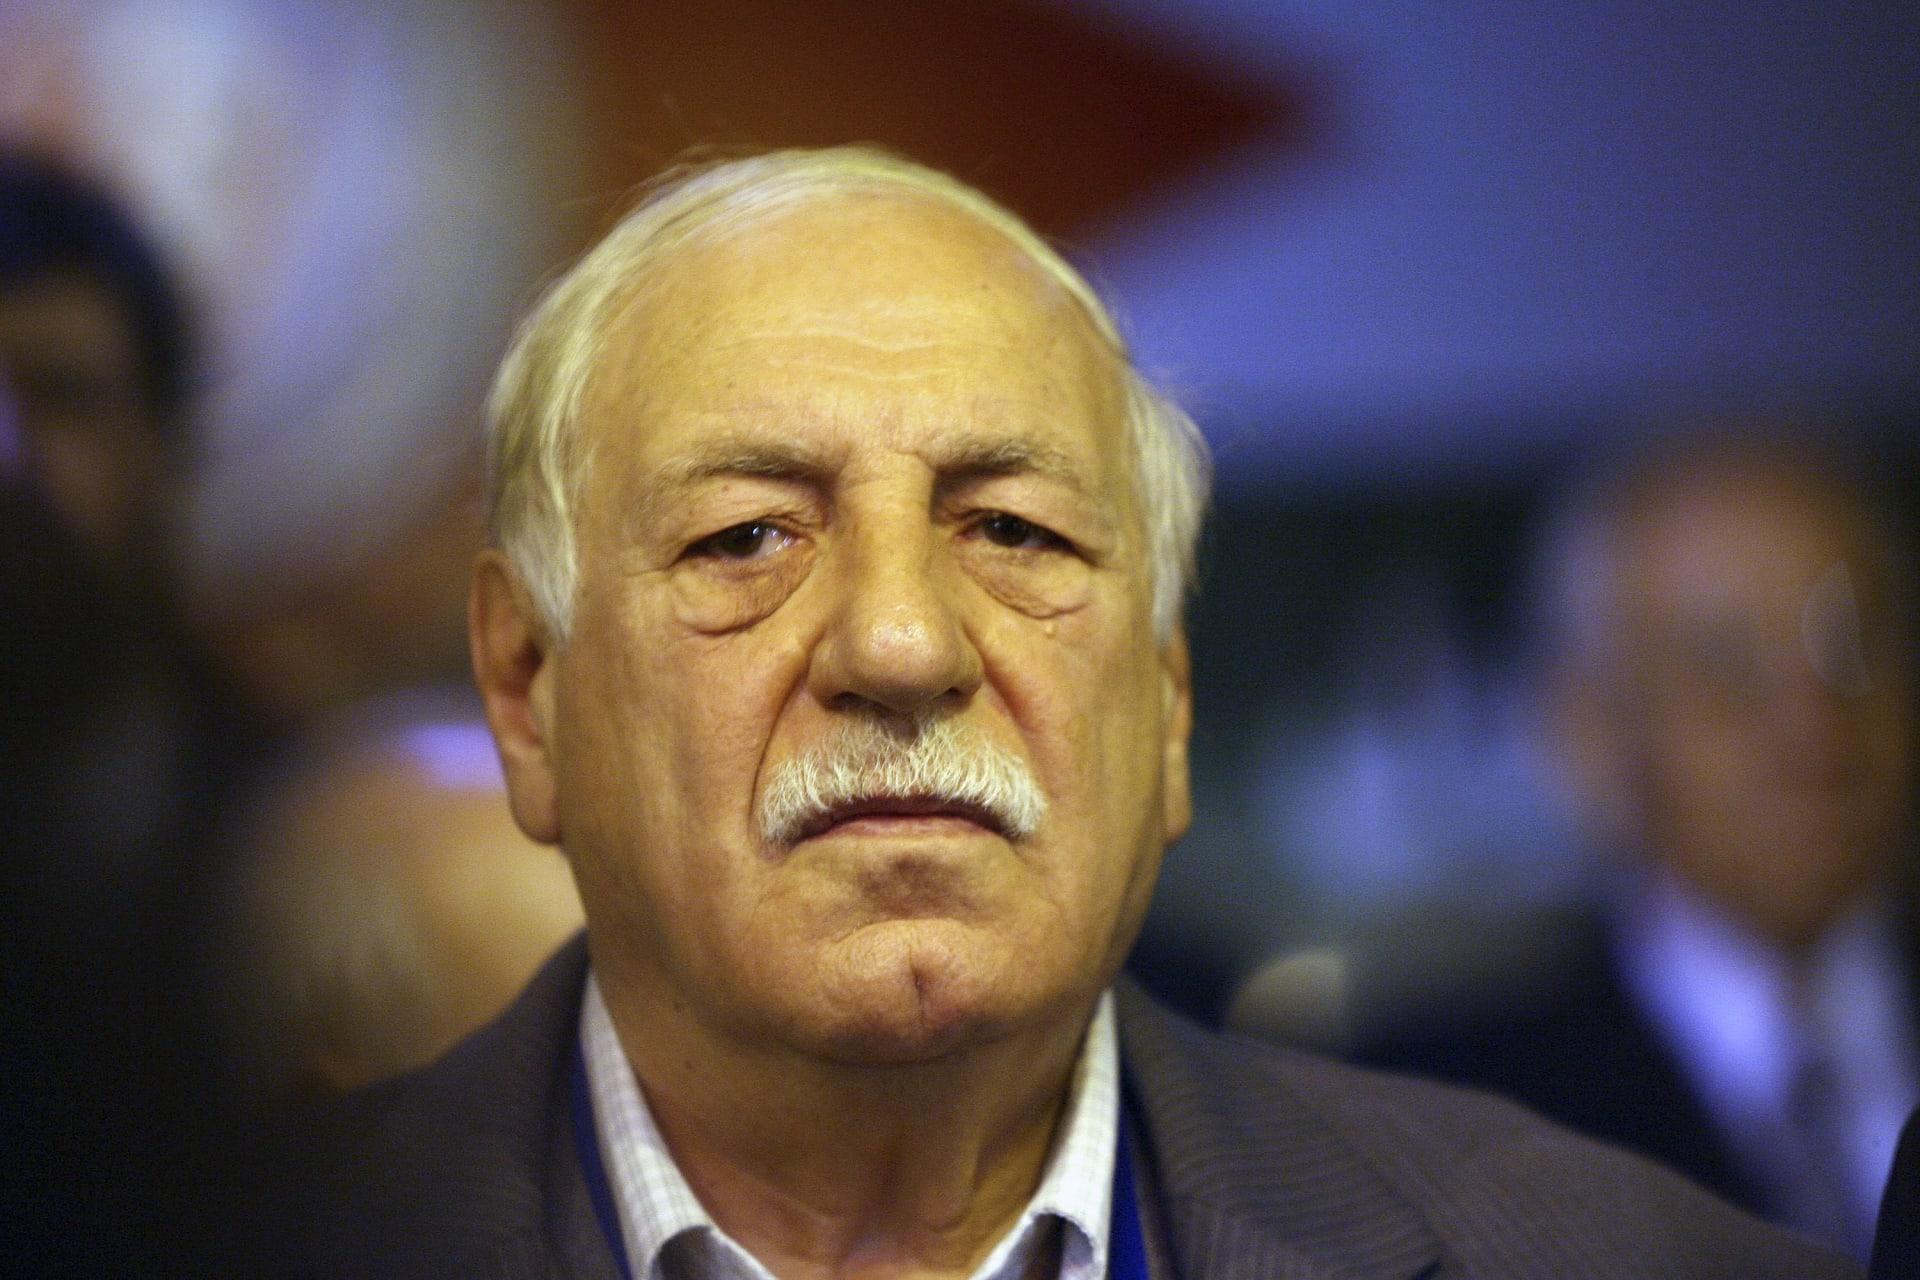 مؤسس الجبهة الشعبية لتحرير فلسطين وأمينها العام، أحمد جبريل